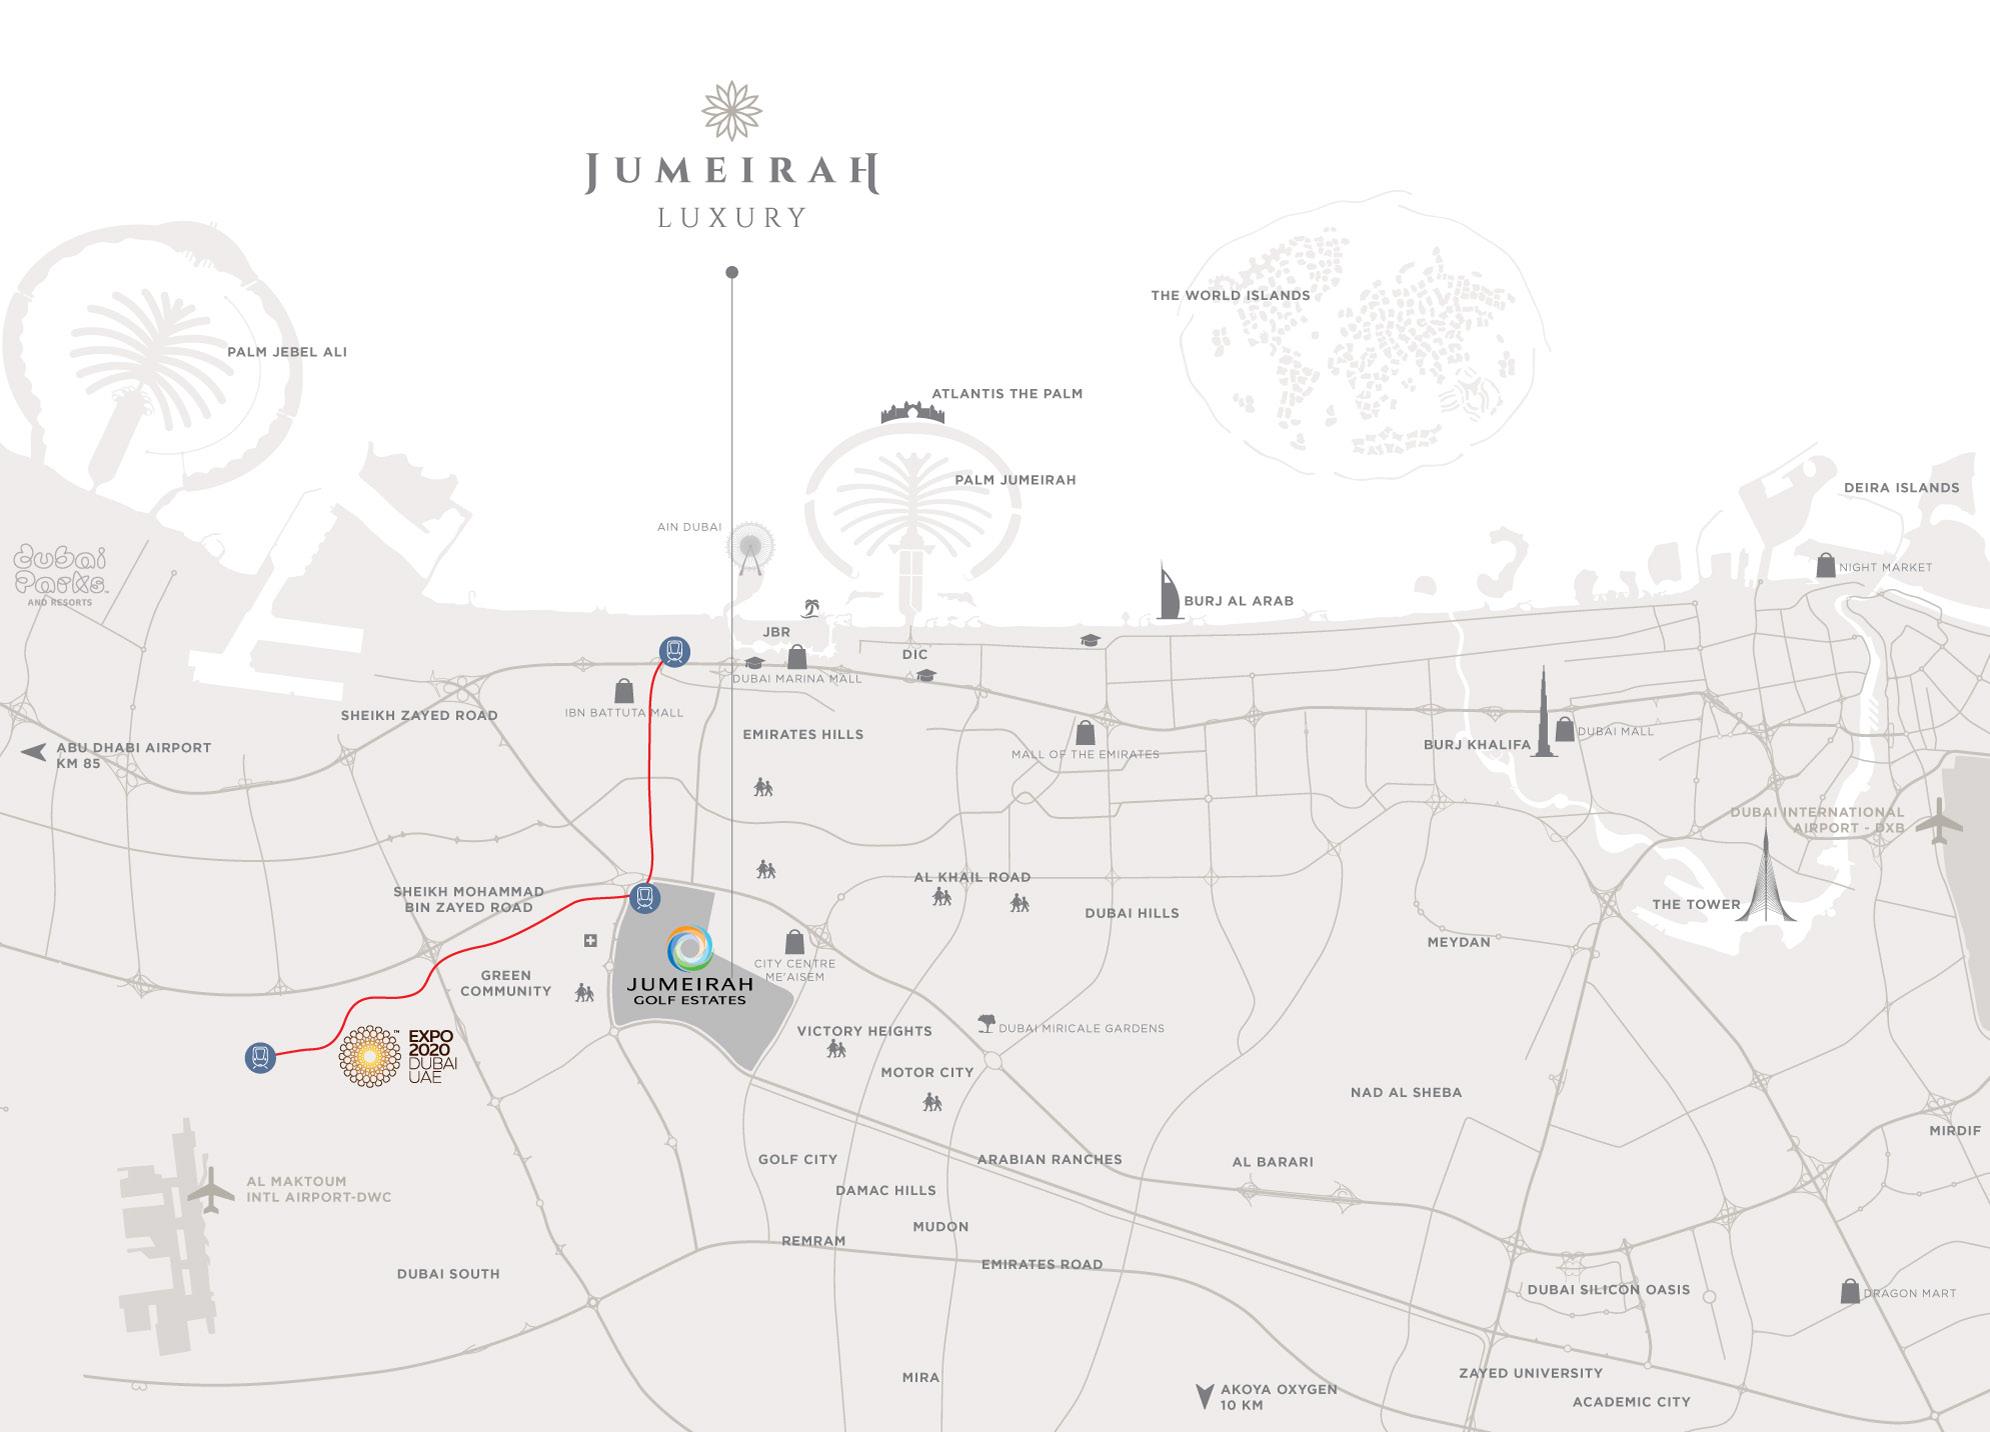 جميرا-الفاخرة خريطة الموقع